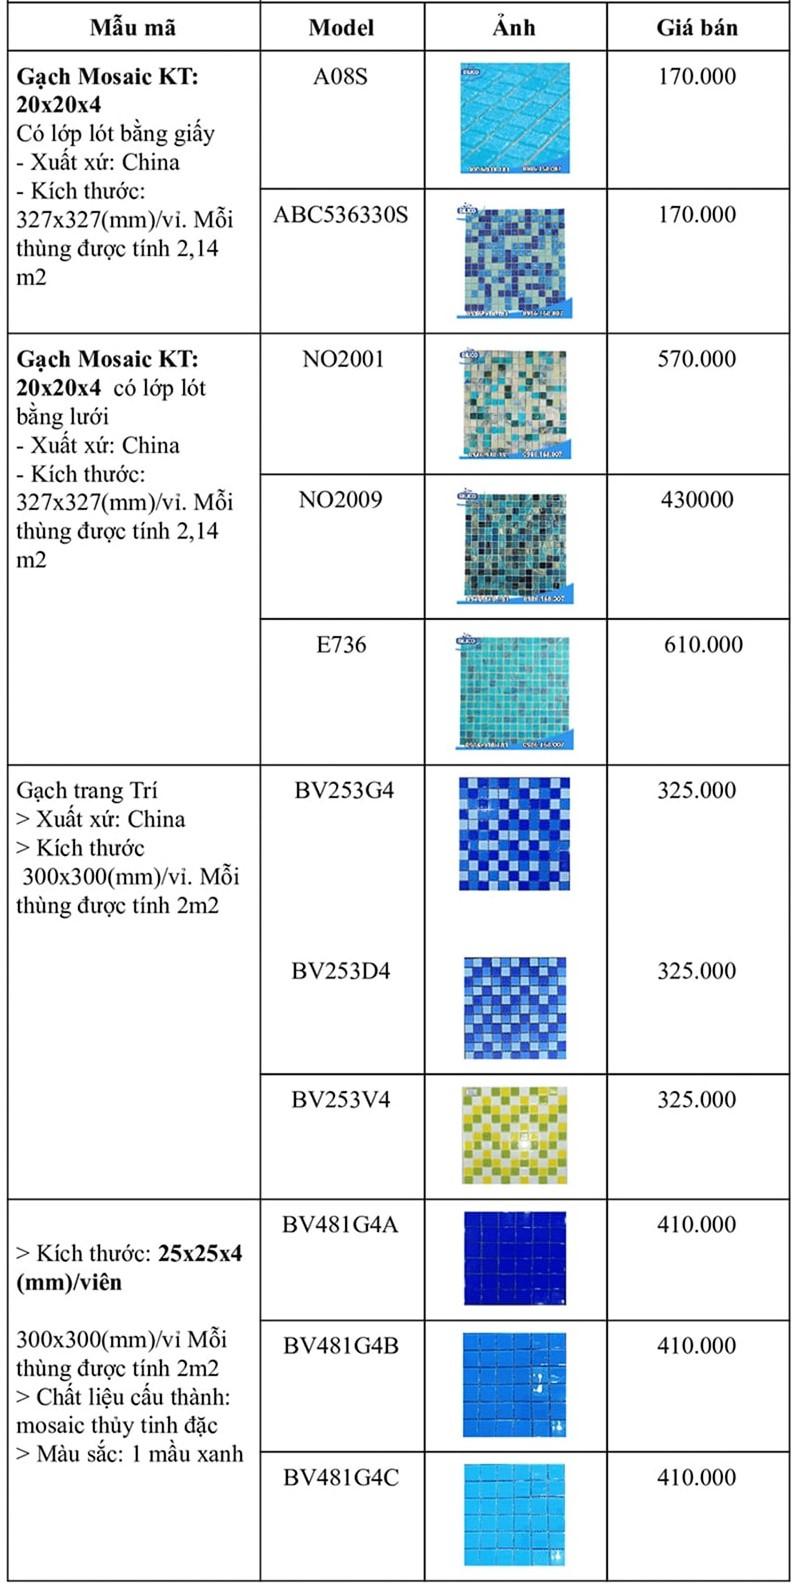 bang-gia-gach-mosaic